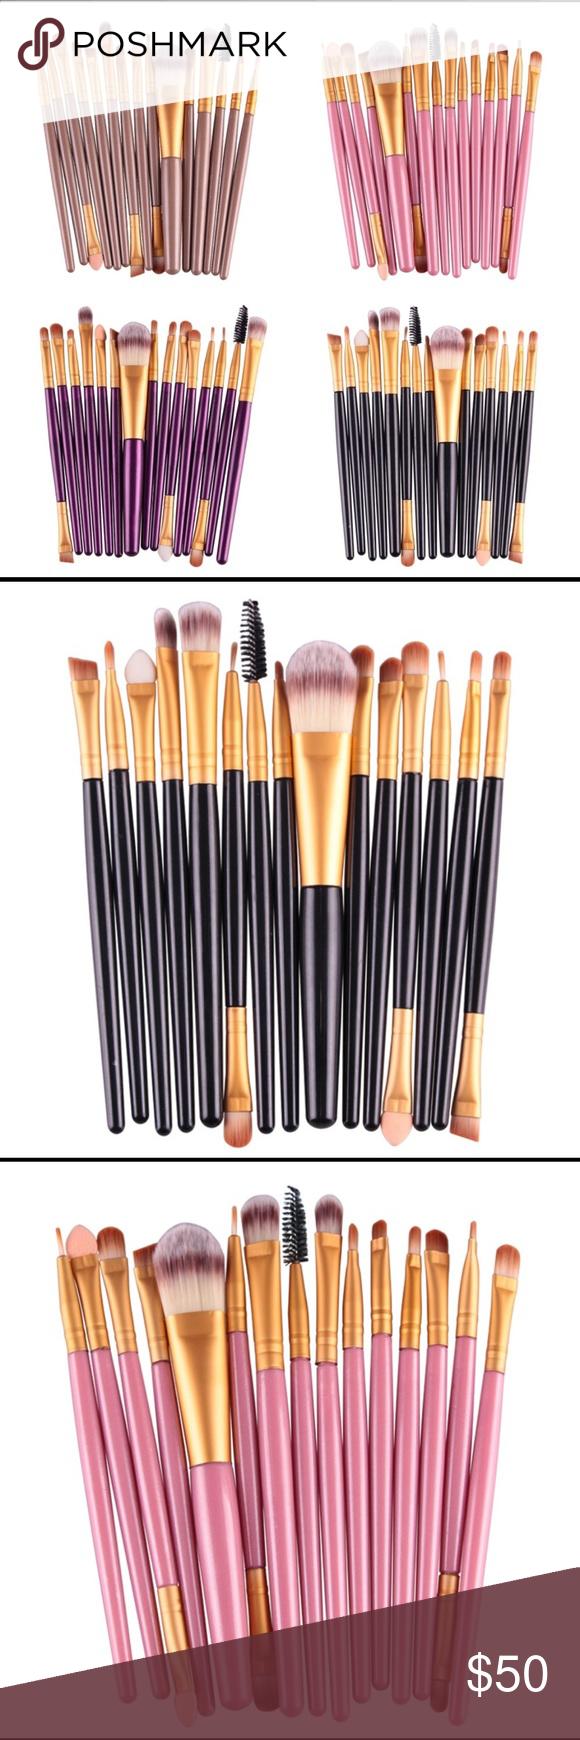 SALE FINAL MARKDOWN 15 Piece Makeup Brush Set Boutique